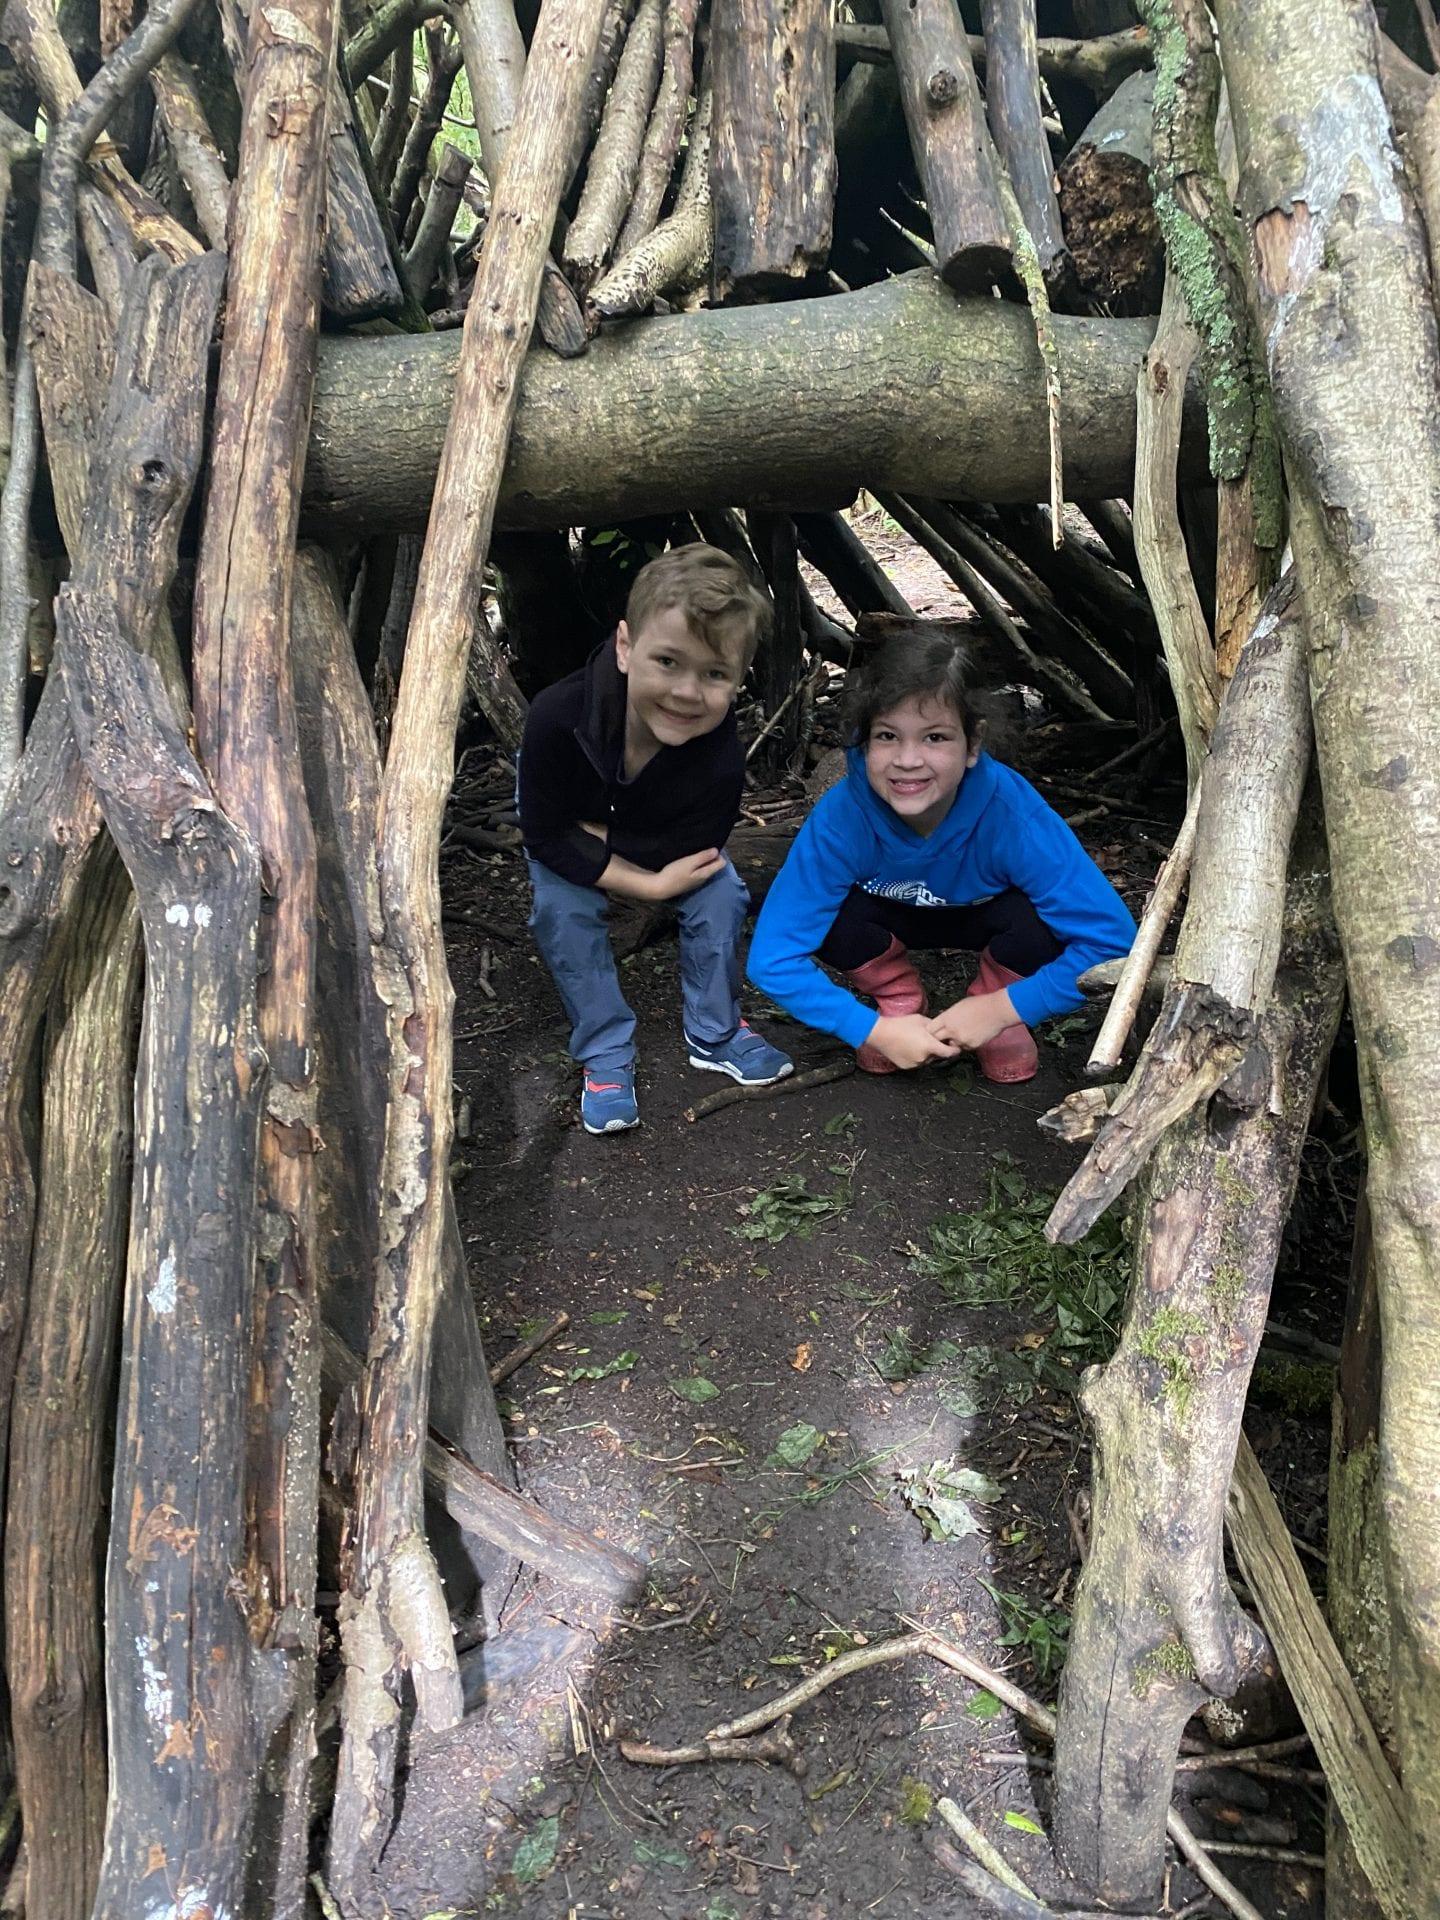 2 children in a den built from logs